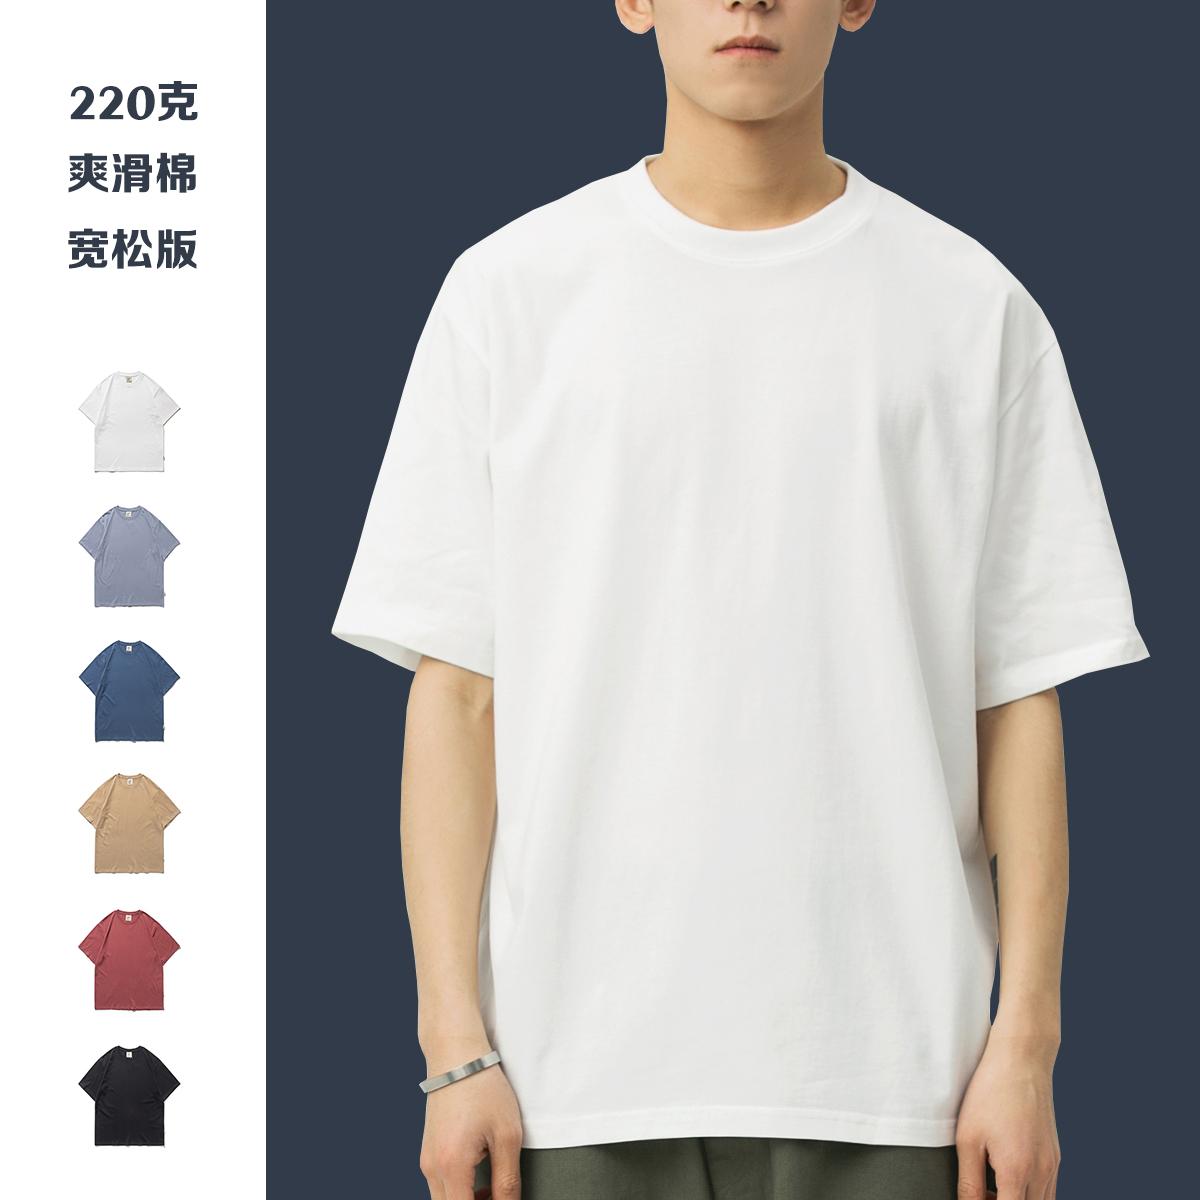 夏季纯色短袖T恤男复古潮牌潮流纯棉内搭打底宽松休闲体恤衫上衣